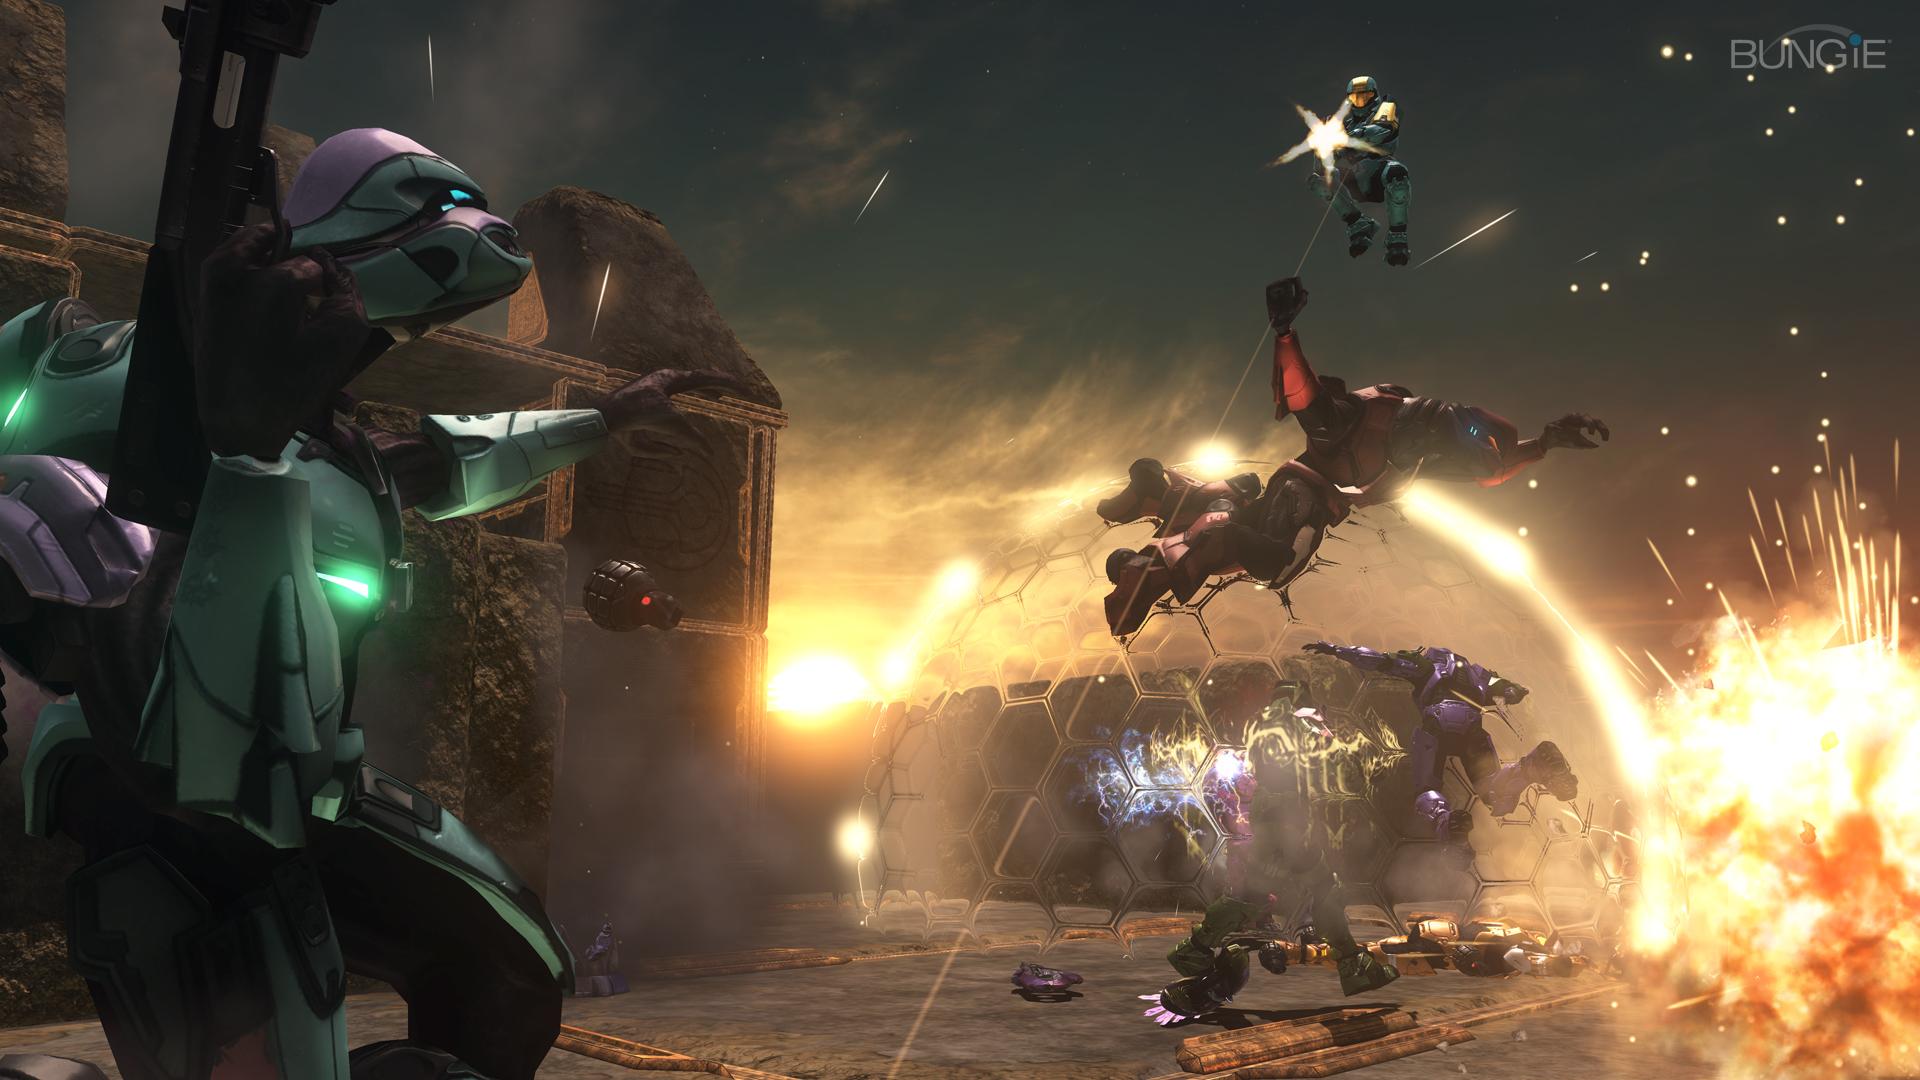 Halo3 Mythic